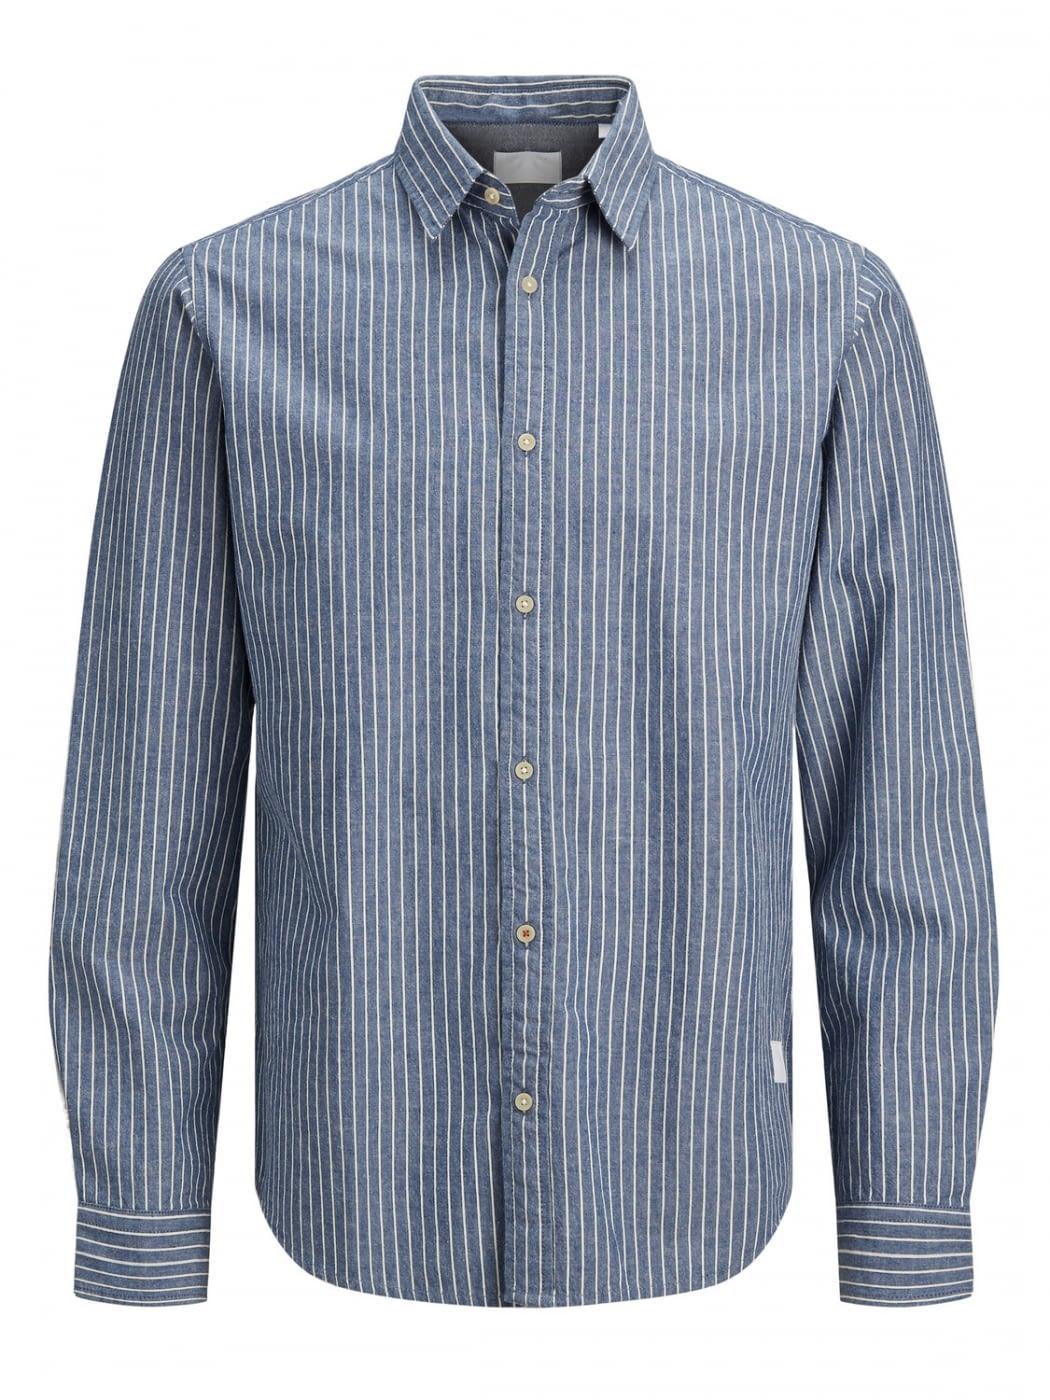 JACK & JONES camisa manga larga JJ30CLASSIC